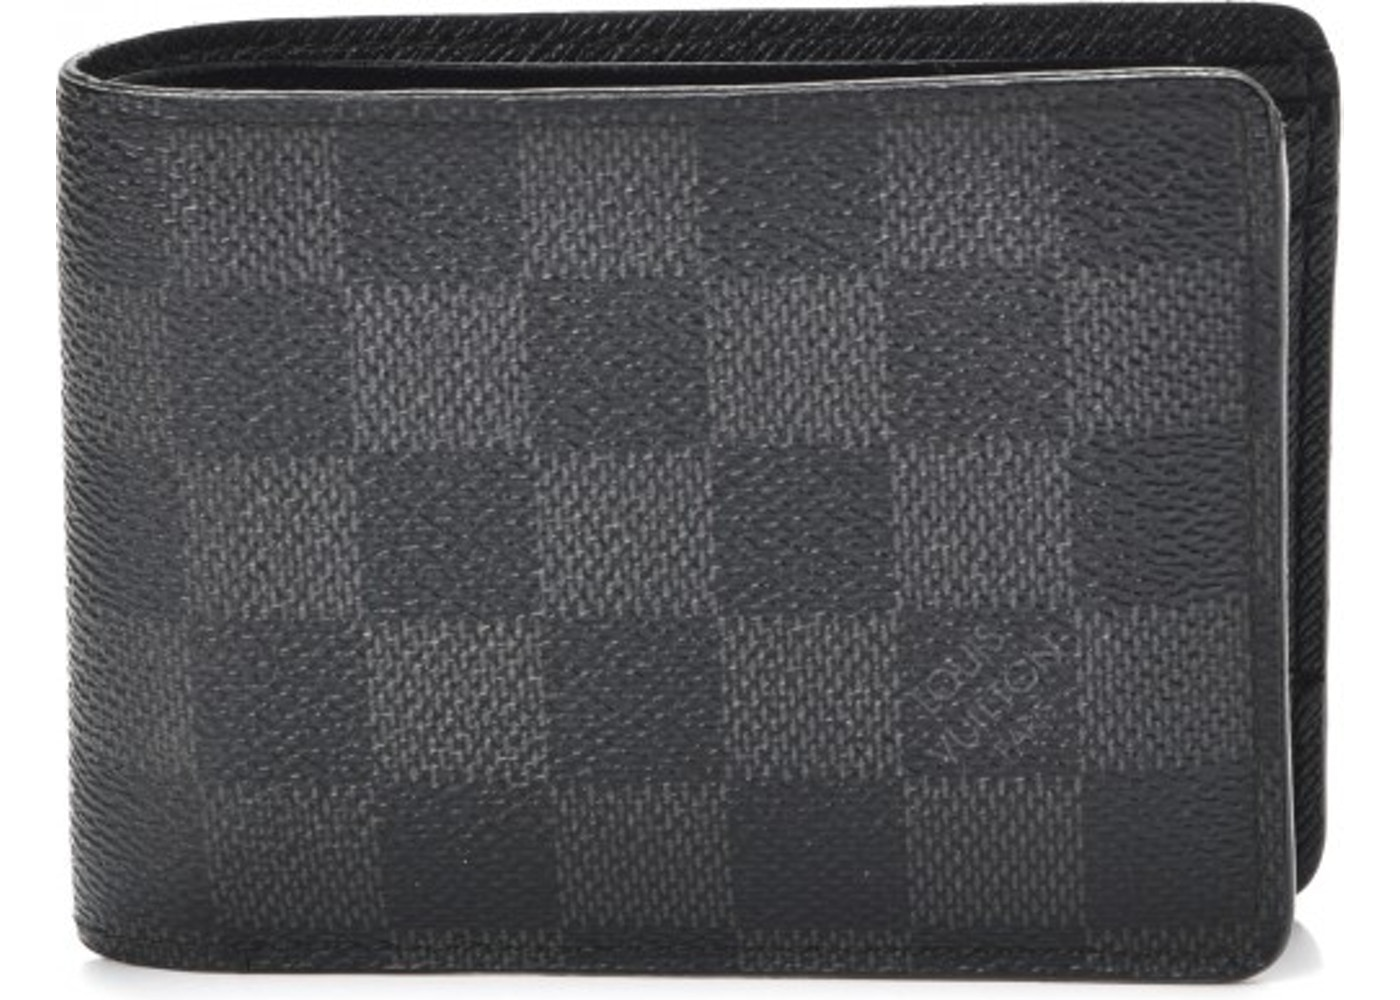 b59e908df514 Louis Vuitton Multiple Wallet Damier Graphite Black Grey. Damier Graphite  Black Grey